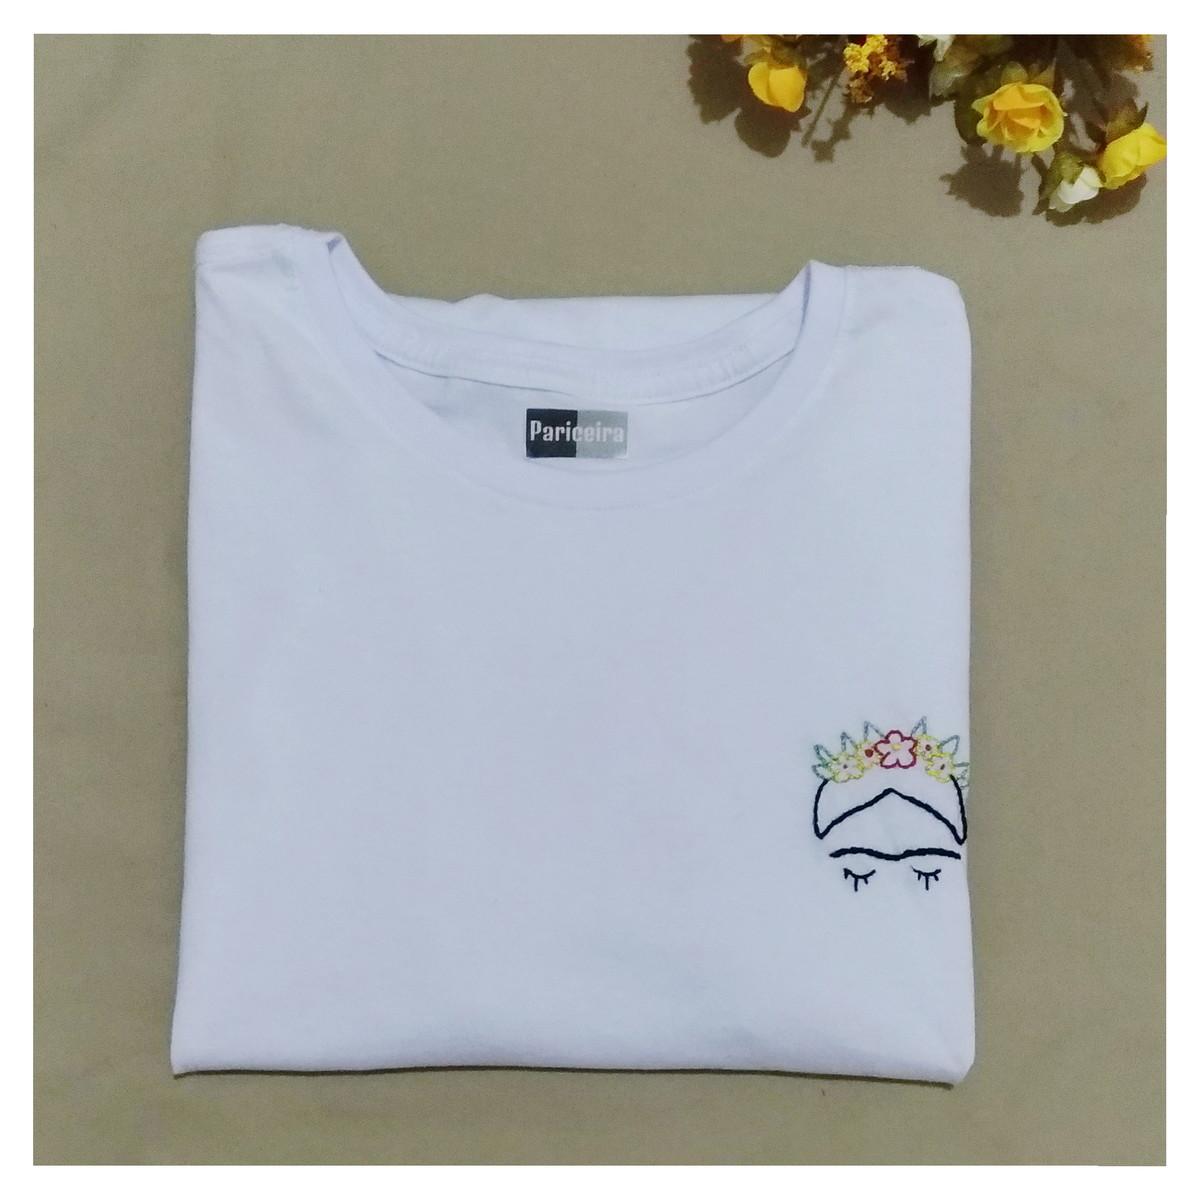 Camiseta algodão bordada Frida Kahlo no Elo7  831c75bdaca